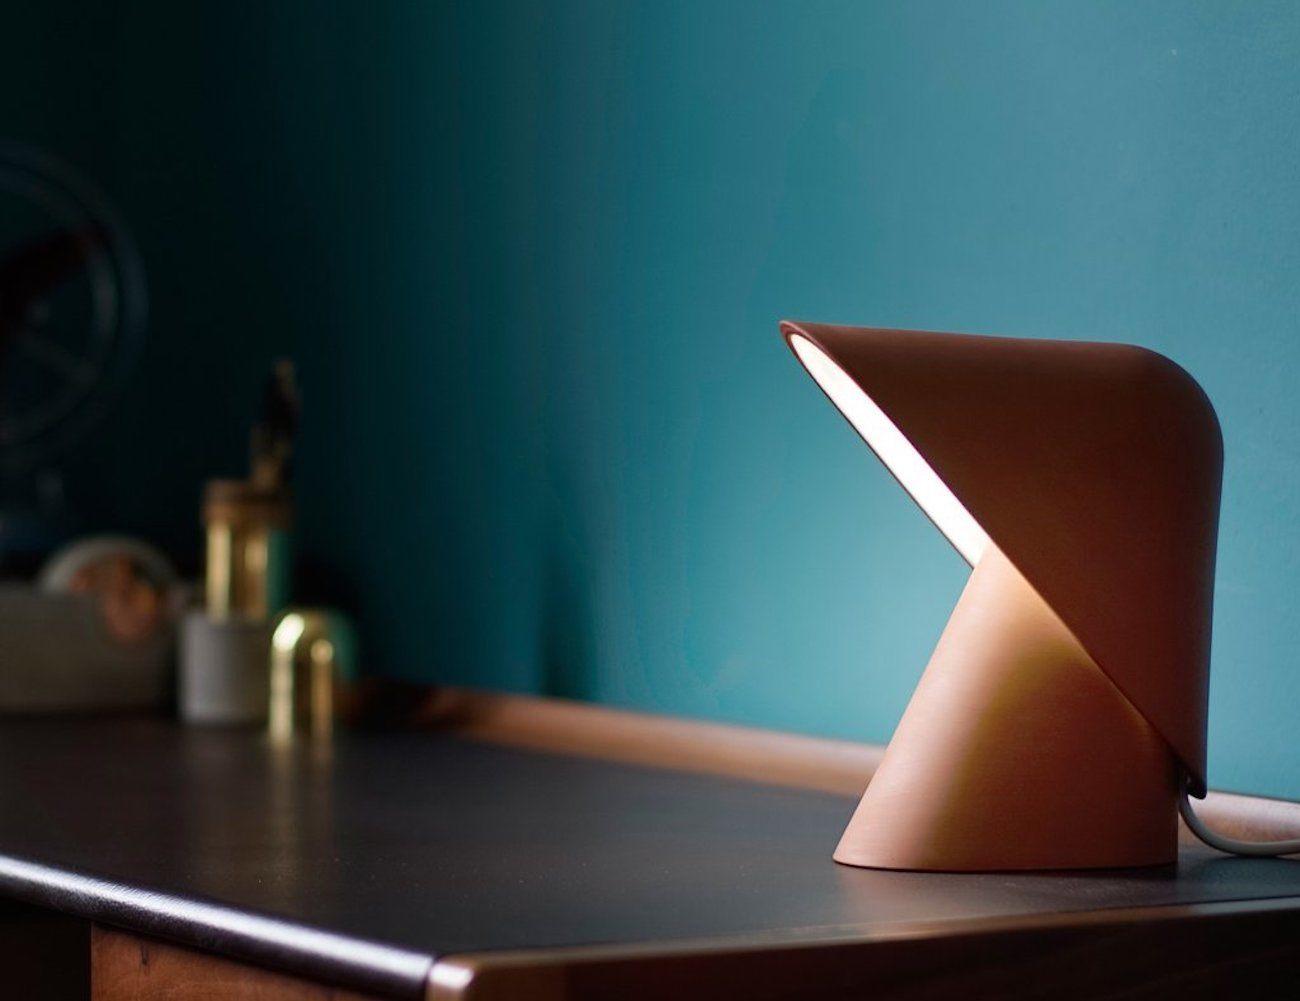 K+Ceramic+LED+Lamp+By+Vitamin